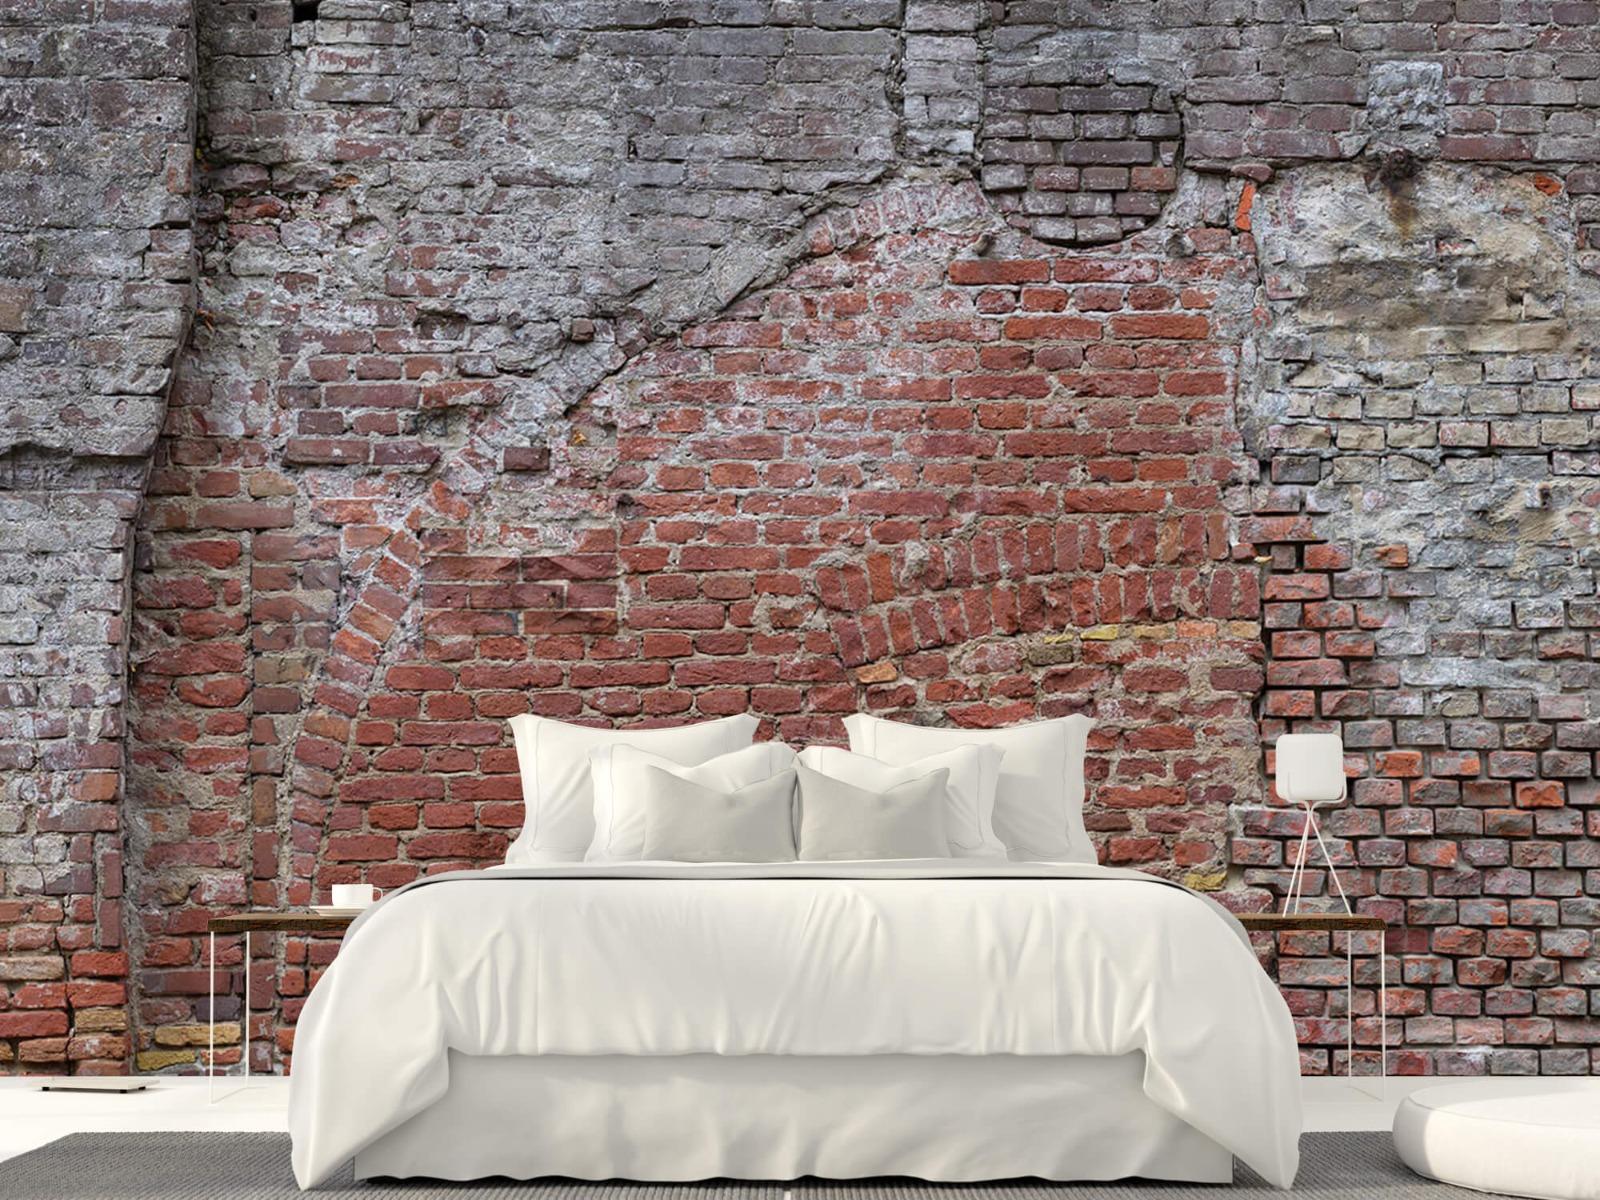 Steen behang - Oude herstelde stadsmuur - Tienerkamer 22